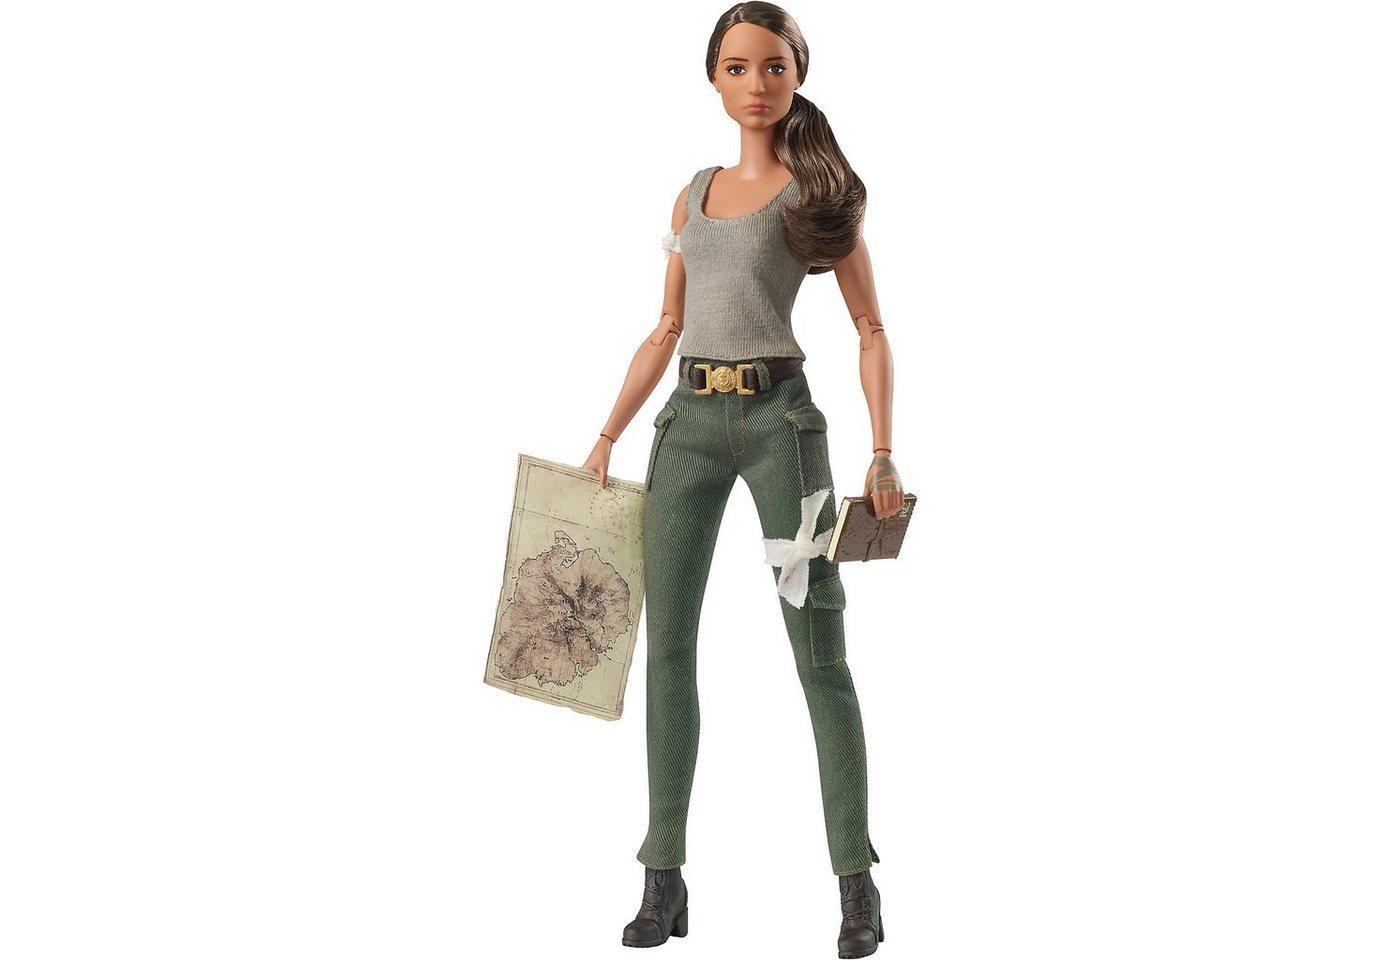 Mattel Barbie Signature Lara Croft Barbie Puppe - Preisvergleich